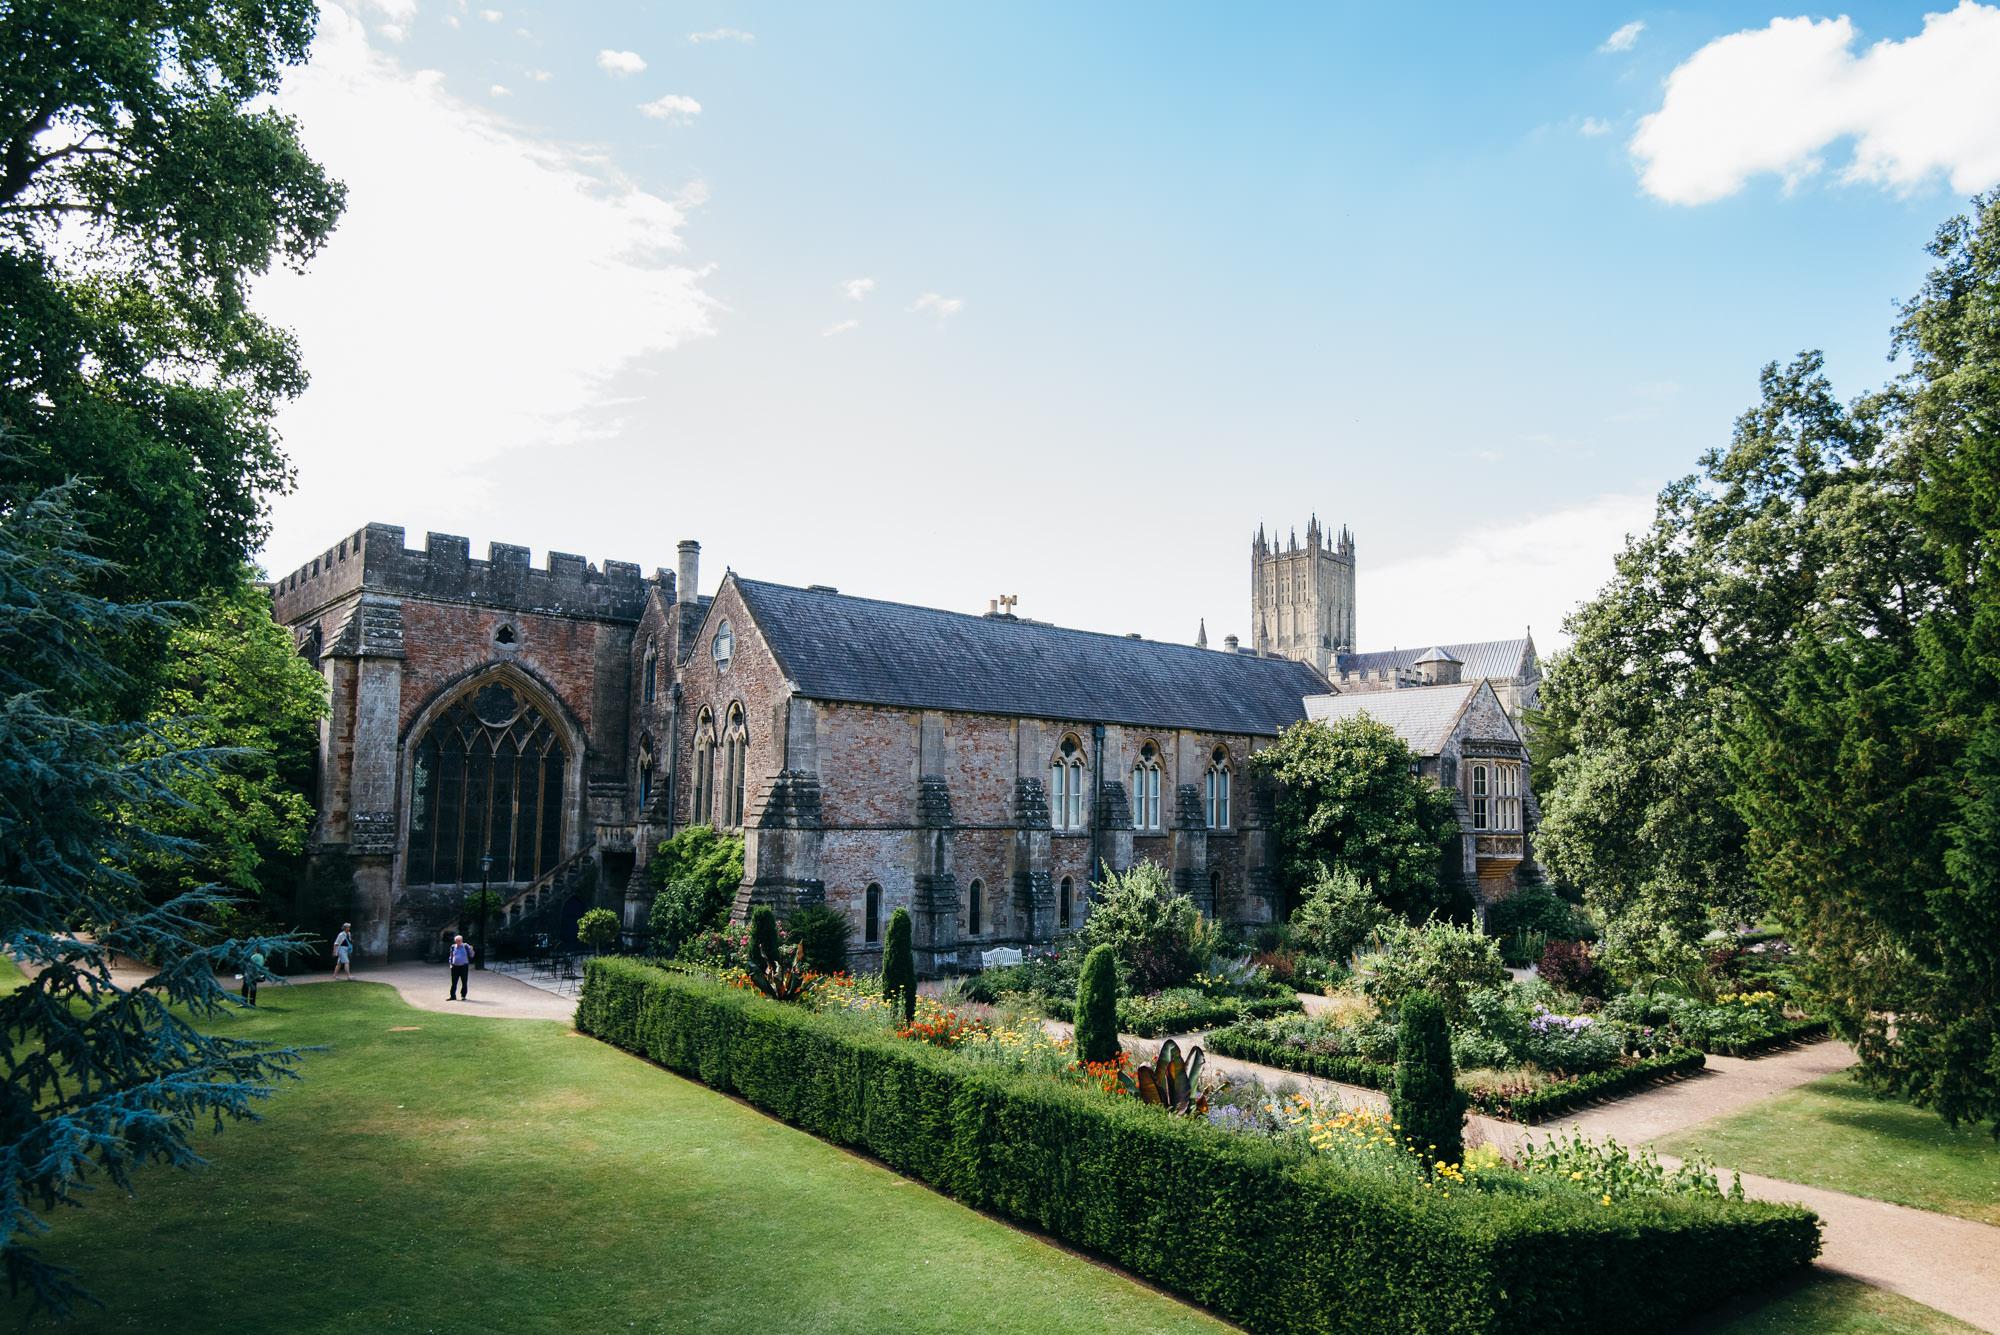 The Bishops palace Somerset